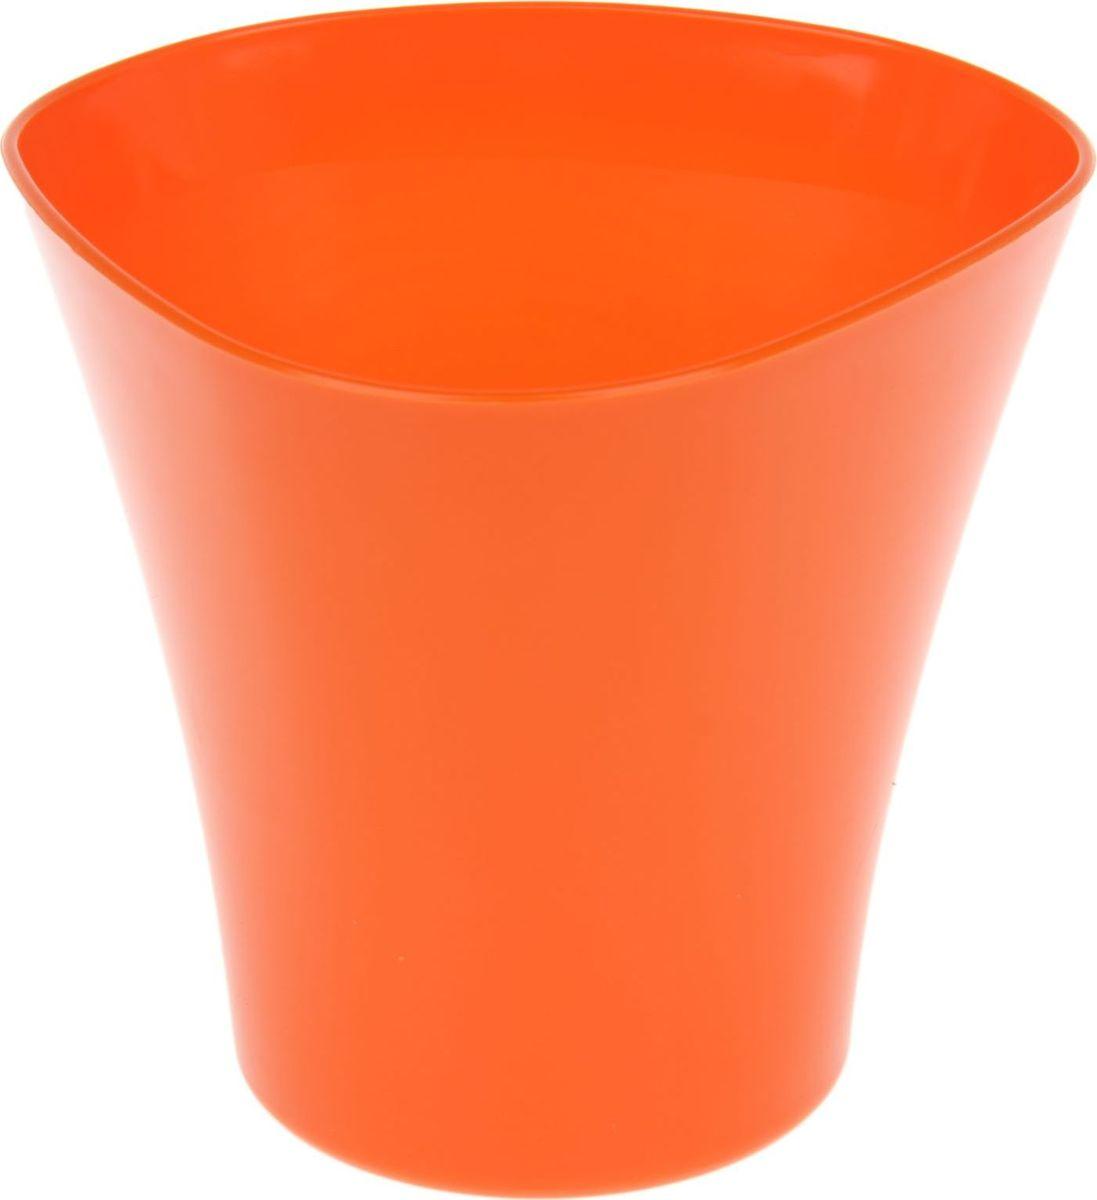 Кашпо JetPlast Волна, цвет: оранжевый, 1,5 л4612754051281Любой, даже самый современный и продуманный интерьер будет не завершённым без растений. Они не только очищают воздух и насыщают его кислородом, но и заметно украшают окружающее пространство. Такому полезному &laquo члену семьи&raquoпросто необходимо красивое и функциональное кашпо, оригинальный горшок или необычная ваза! Мы предлагаем - Кашпо 1,5 л Волна, цвет оранжевый!Оптимальный выбор материала &mdash &nbsp пластмасса! Почему мы так считаем? Малый вес. С лёгкостью переносите горшки и кашпо с места на место, ставьте их на столики или полки, подвешивайте под потолок, не беспокоясь о нагрузке. Простота ухода. Пластиковые изделия не нуждаются в специальных условиях хранения. Их&nbsp легко чистить &mdashдостаточно просто сполоснуть тёплой водой. Никаких царапин. Пластиковые кашпо не царапают и не загрязняют поверхности, на которых стоят. Пластик дольше хранит влагу, а значит &mdashрастение реже нуждается в поливе. Пластмасса не пропускает воздух &mdashкорневой системе растения не грозят резкие перепады температур. Огромный выбор форм, декора и расцветок &mdashвы без труда подберёте что-то, что идеально впишется в уже существующий интерьер.Соблюдая нехитрые правила ухода, вы можете заметно продлить срок службы горшков, вазонов и кашпо из пластика: всегда учитывайте размер кроны и корневой системы растения (при разрастании большое растение способно повредить маленький горшок)берегите изделие от воздействия прямых солнечных лучей, чтобы кашпо и горшки не выцветалидержите кашпо и горшки из пластика подальше от нагревающихся поверхностей.Создавайте прекрасные цветочные композиции, выращивайте рассаду или необычные растения, а низкие цены позволят вам не ограничивать себя в выборе.